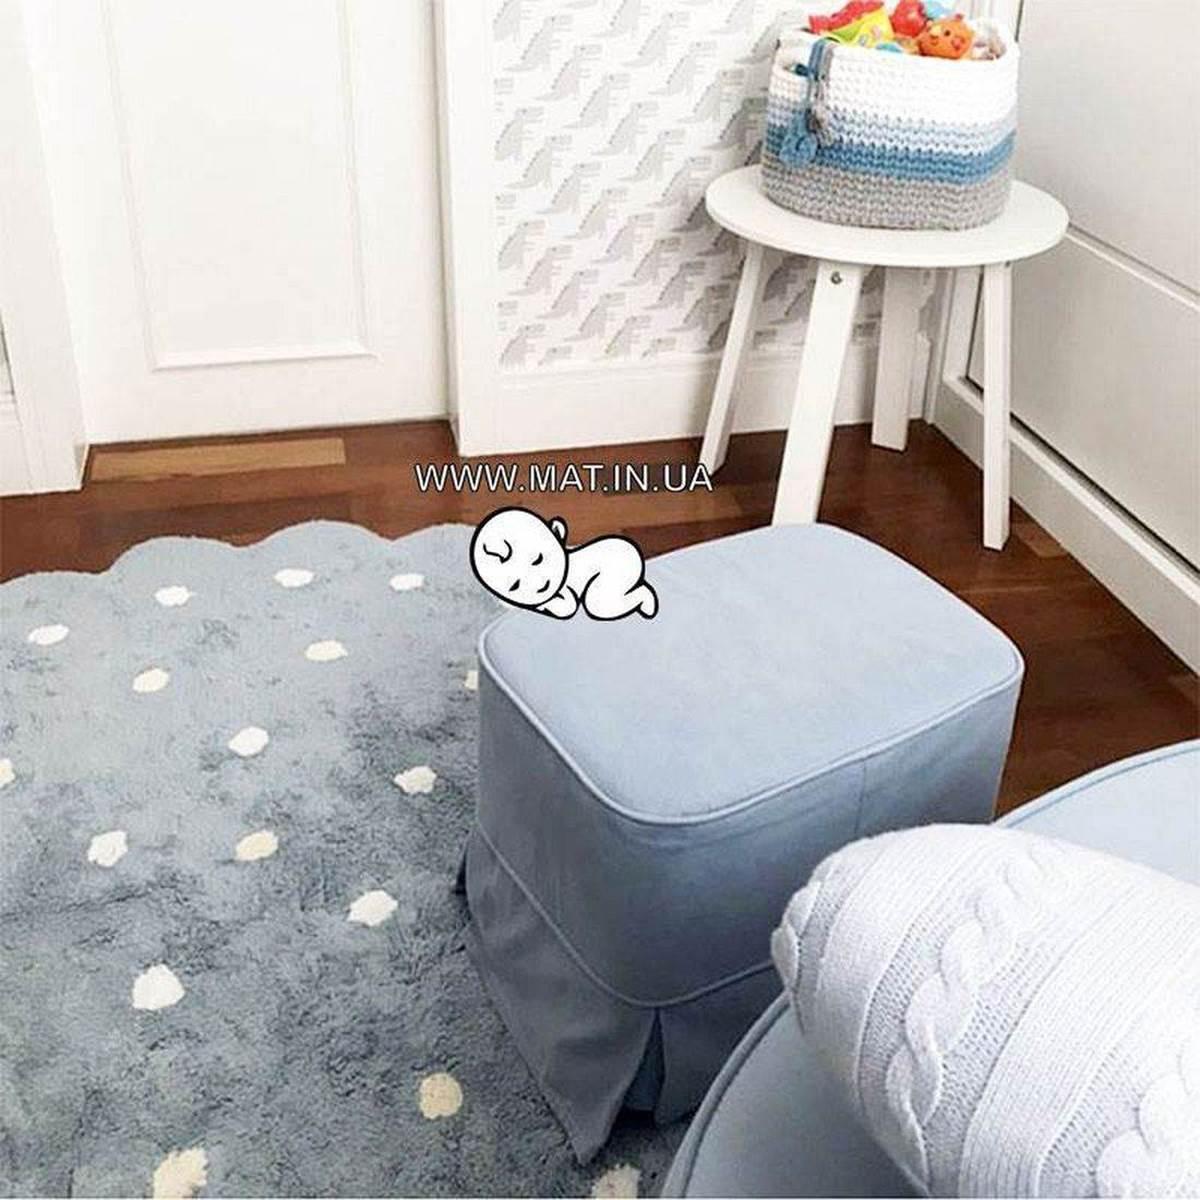 Хлопковый ковер для детской комнаты для детей